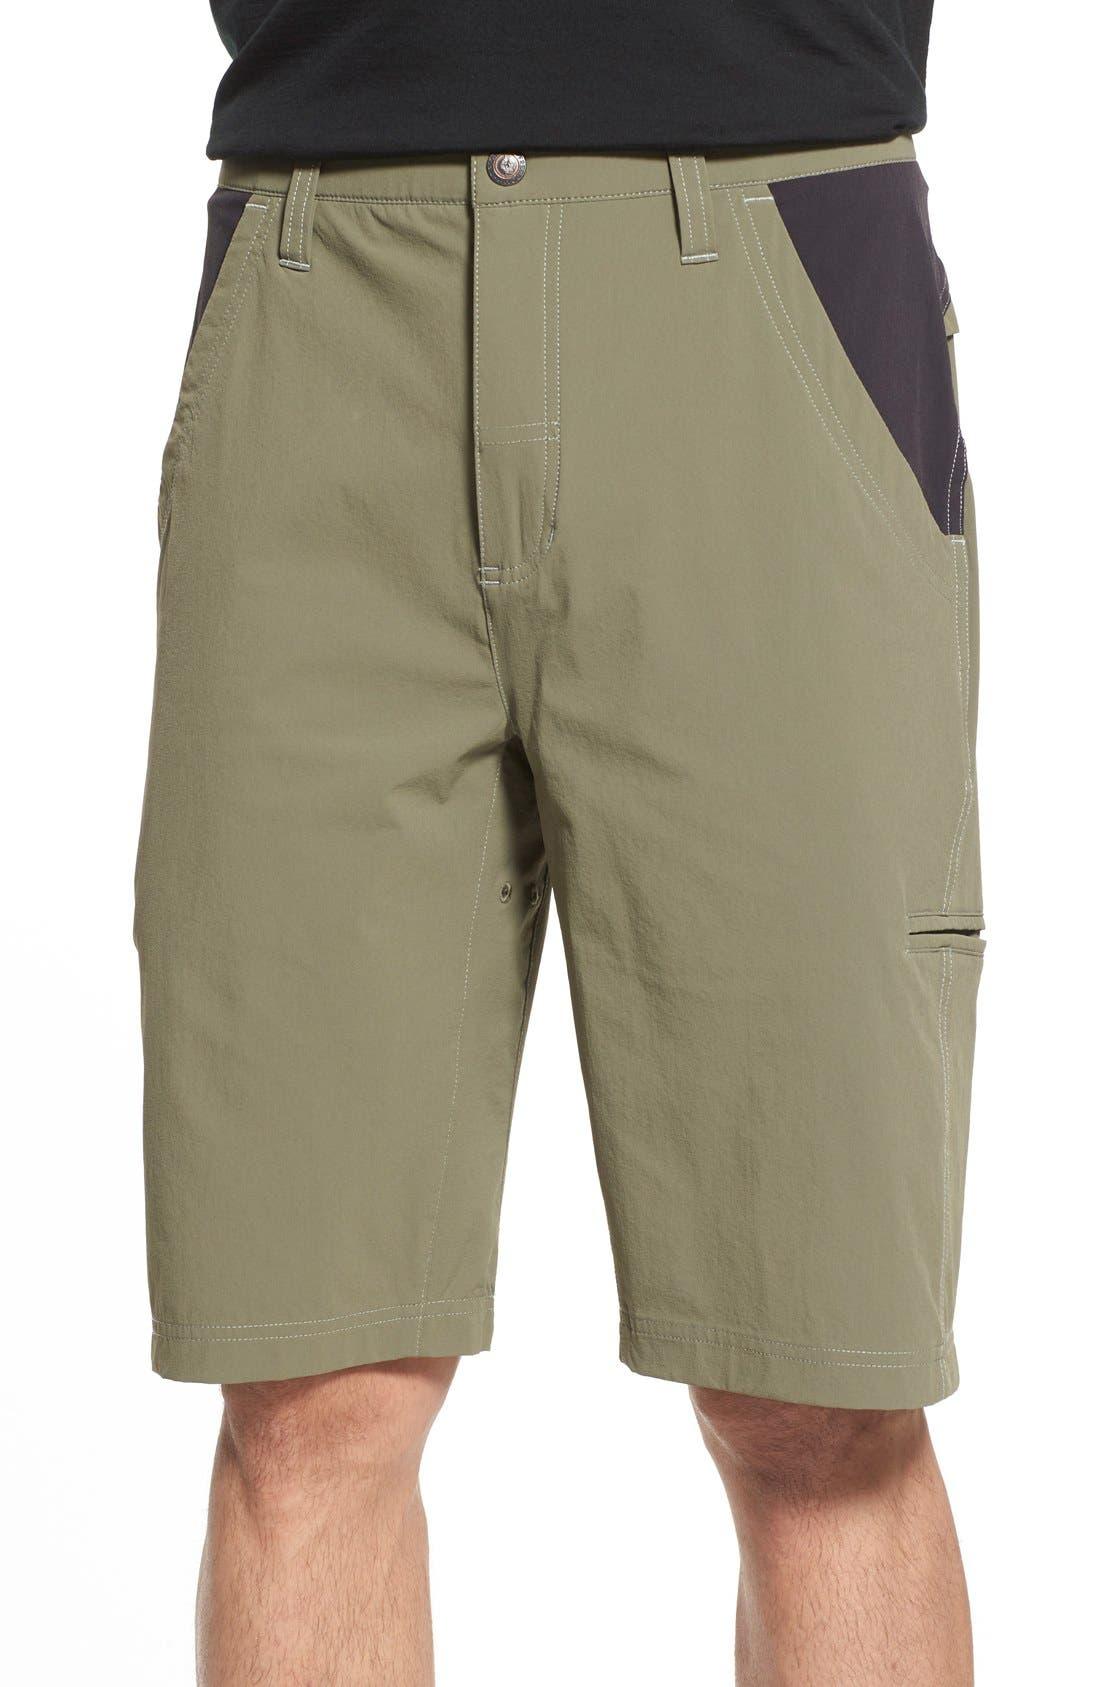 Gramicci 'Grayson' Shorts